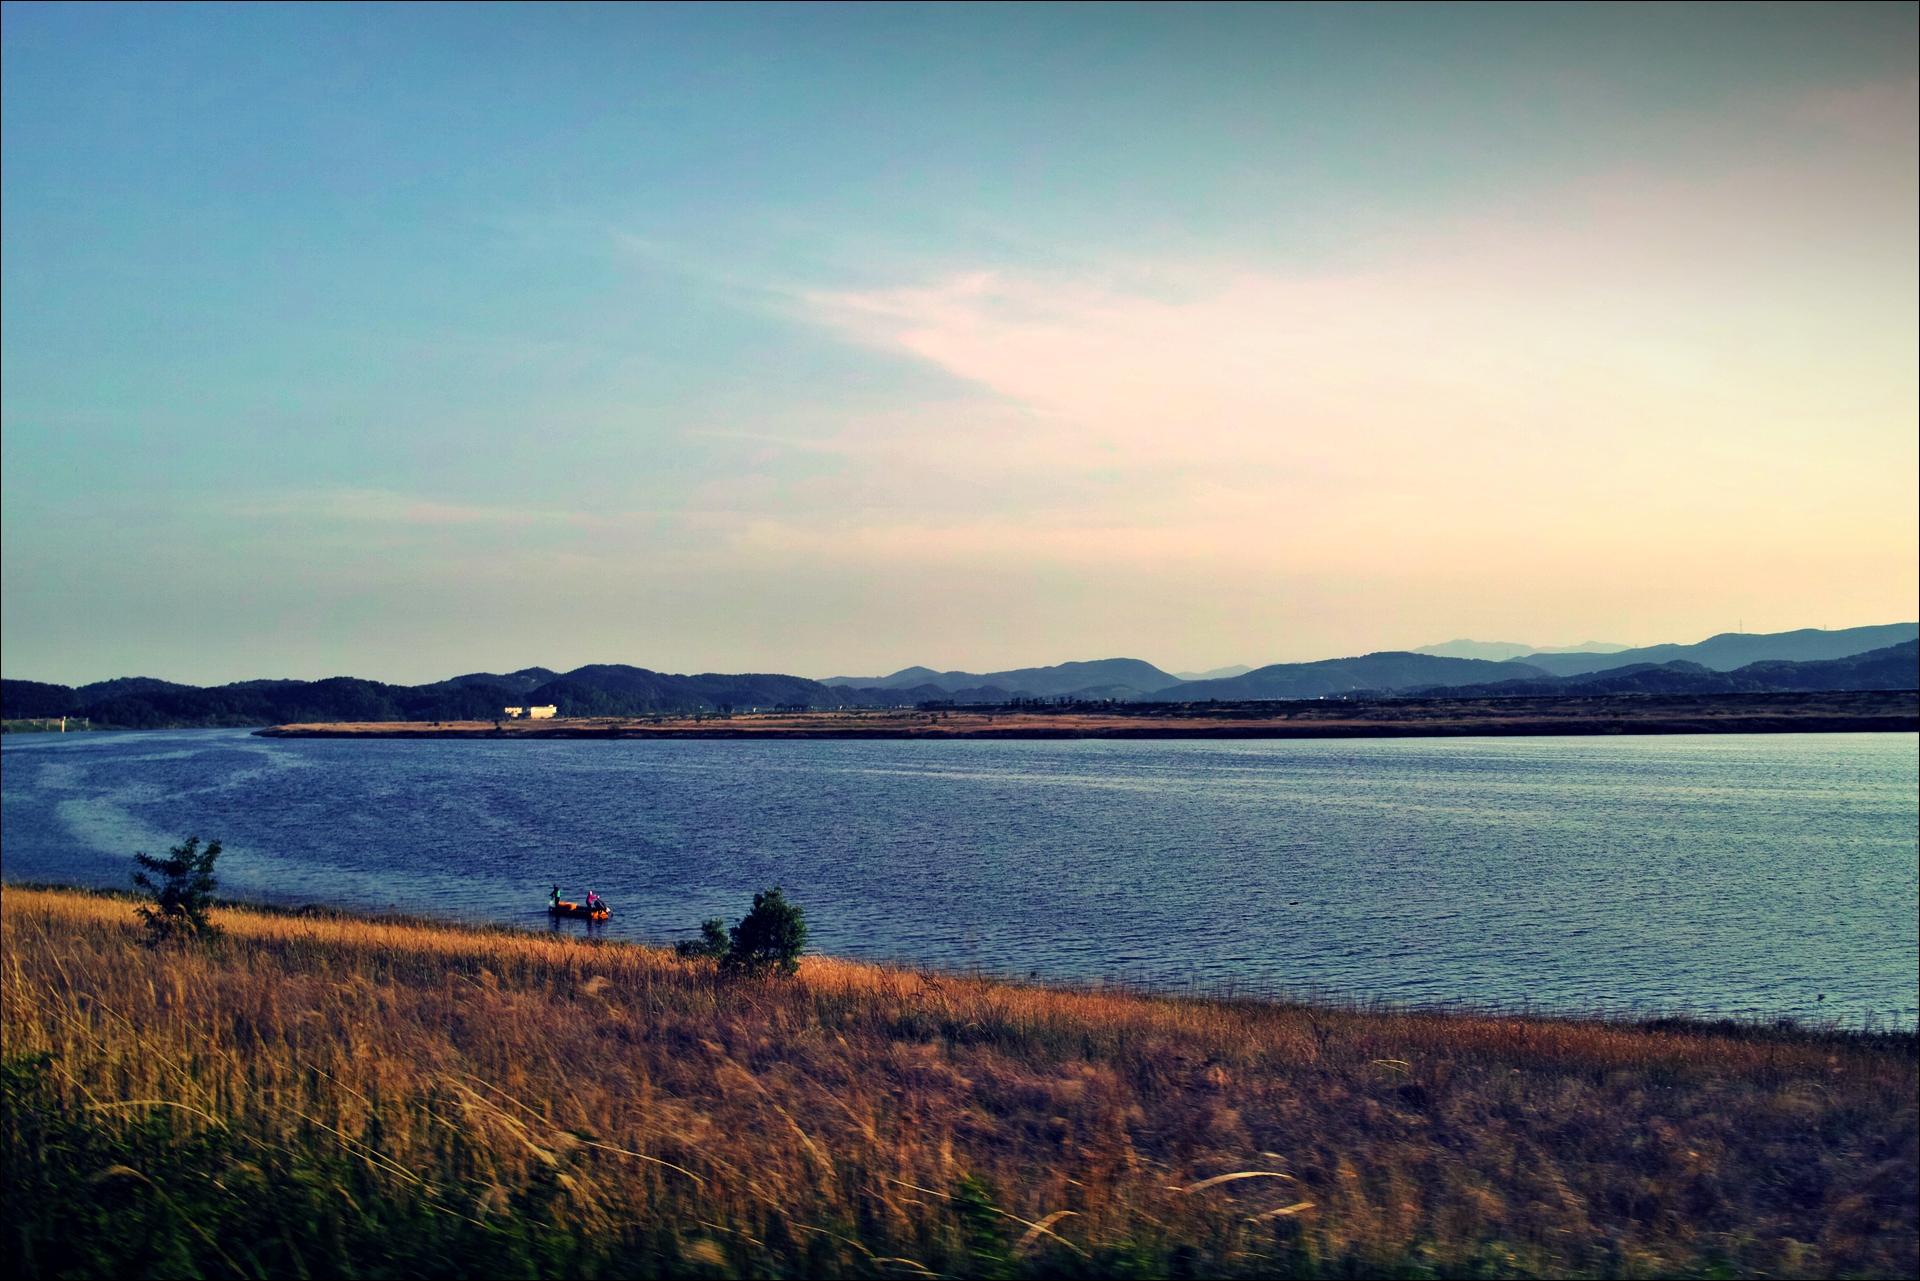 강바람-'낙동강 자전거 종주여행'